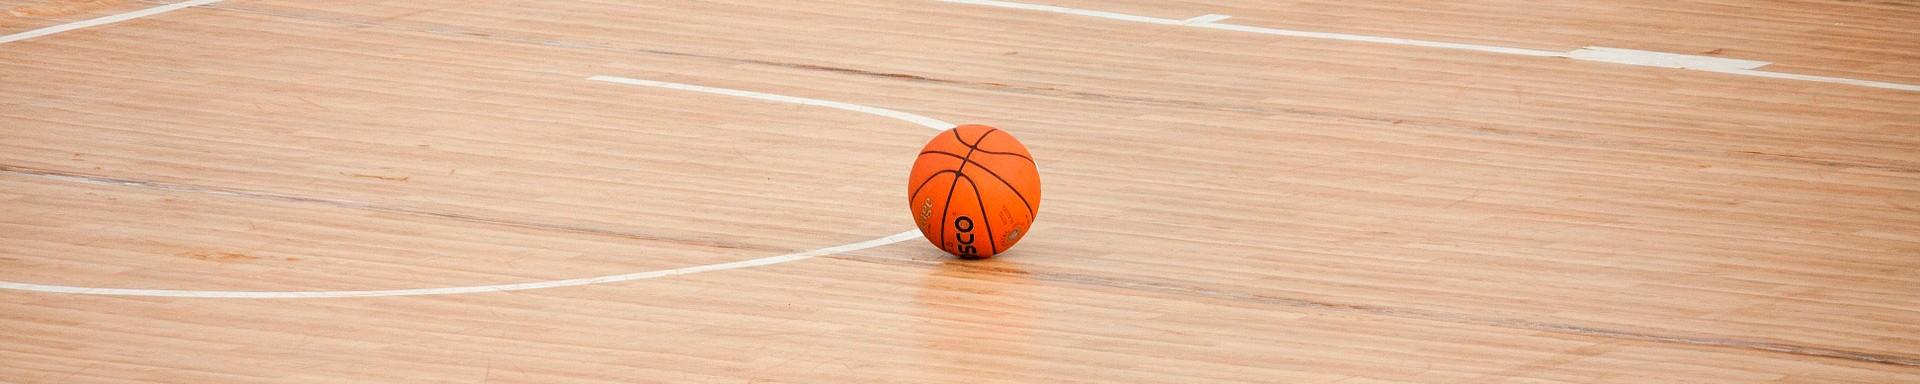 Спорт в Сафари Паркъ